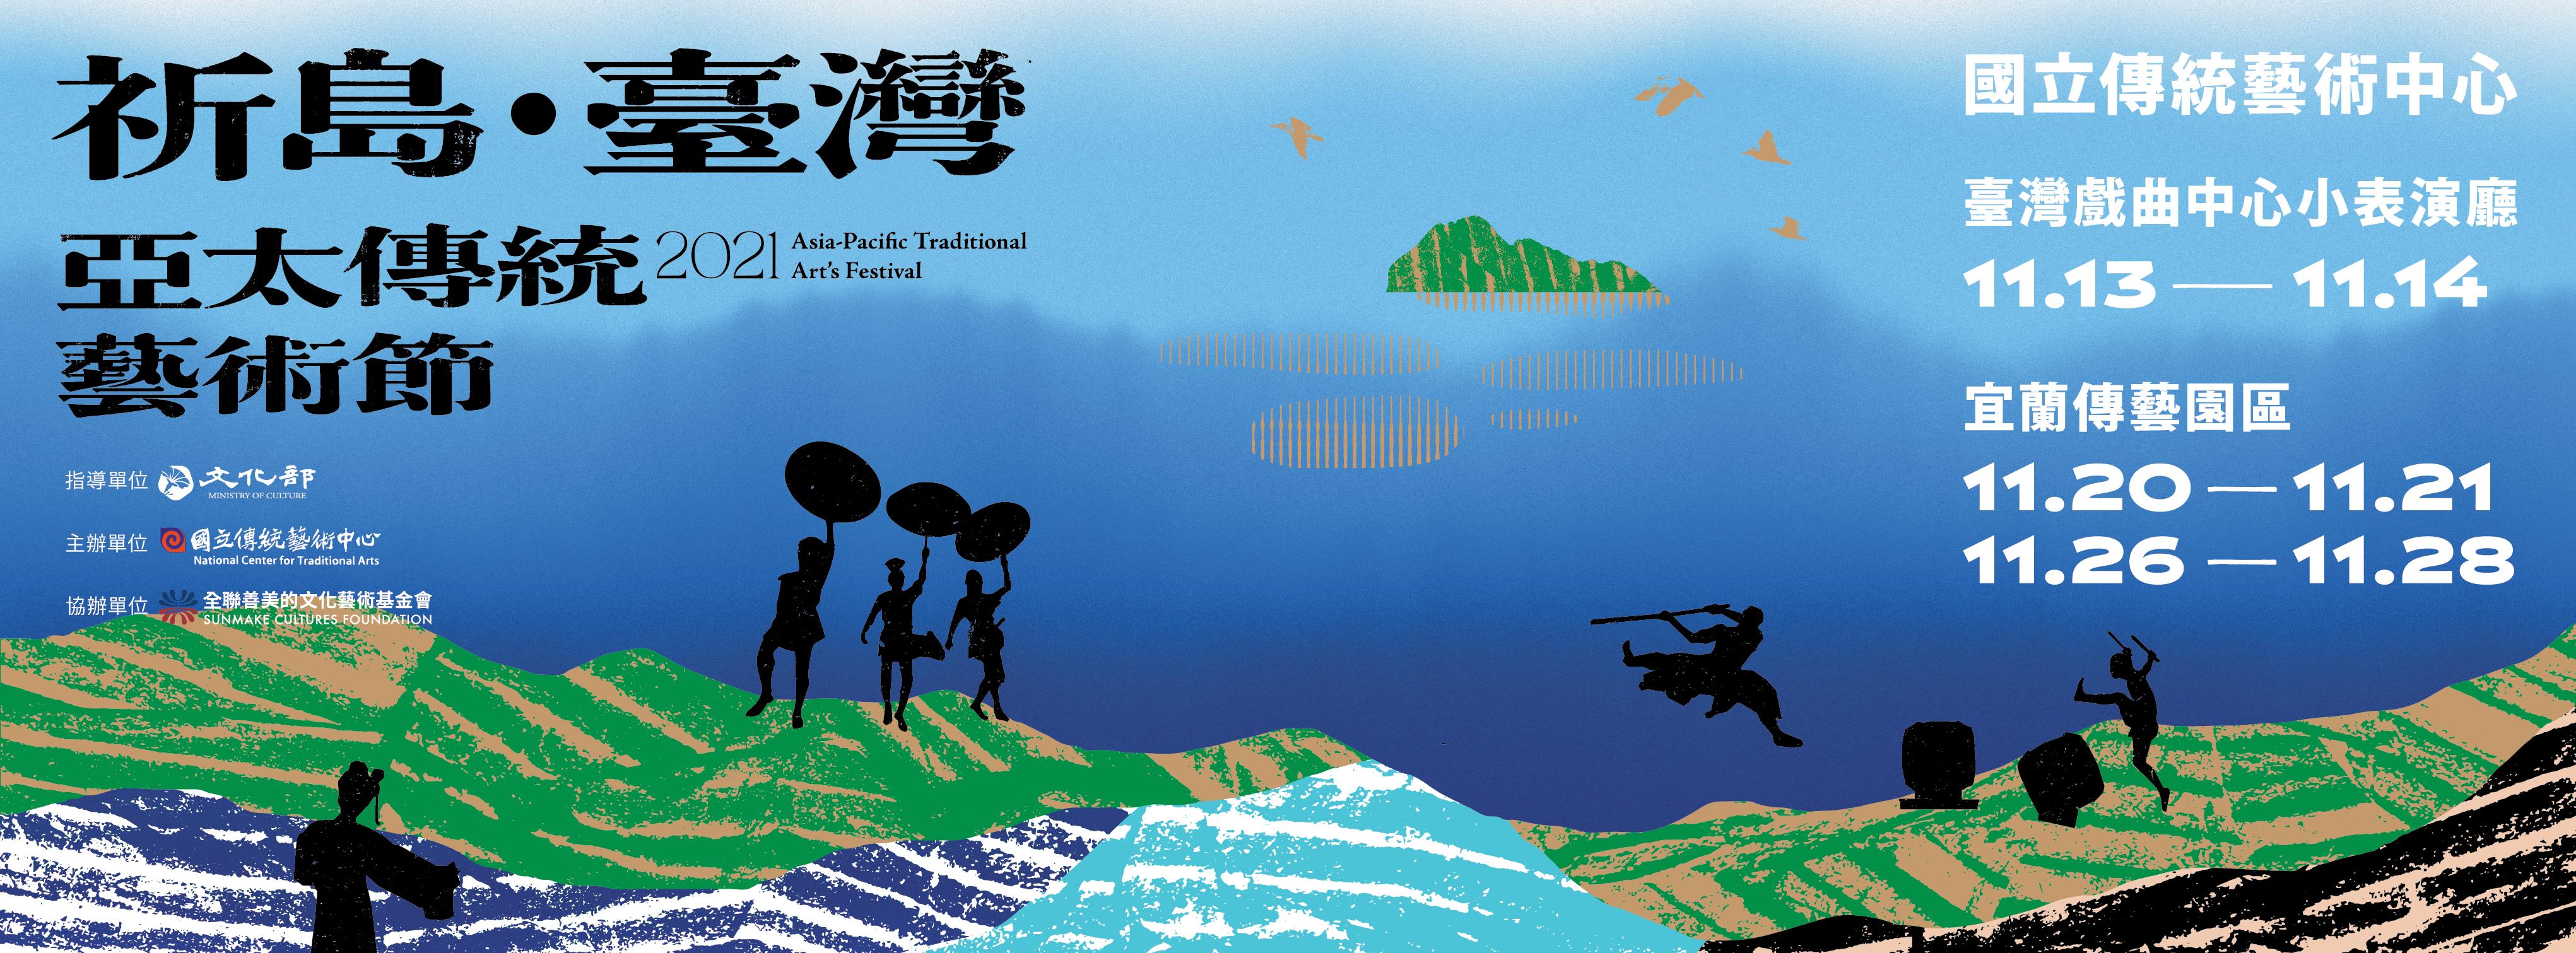 2021亞太傳統藝術節「另開新視窗」